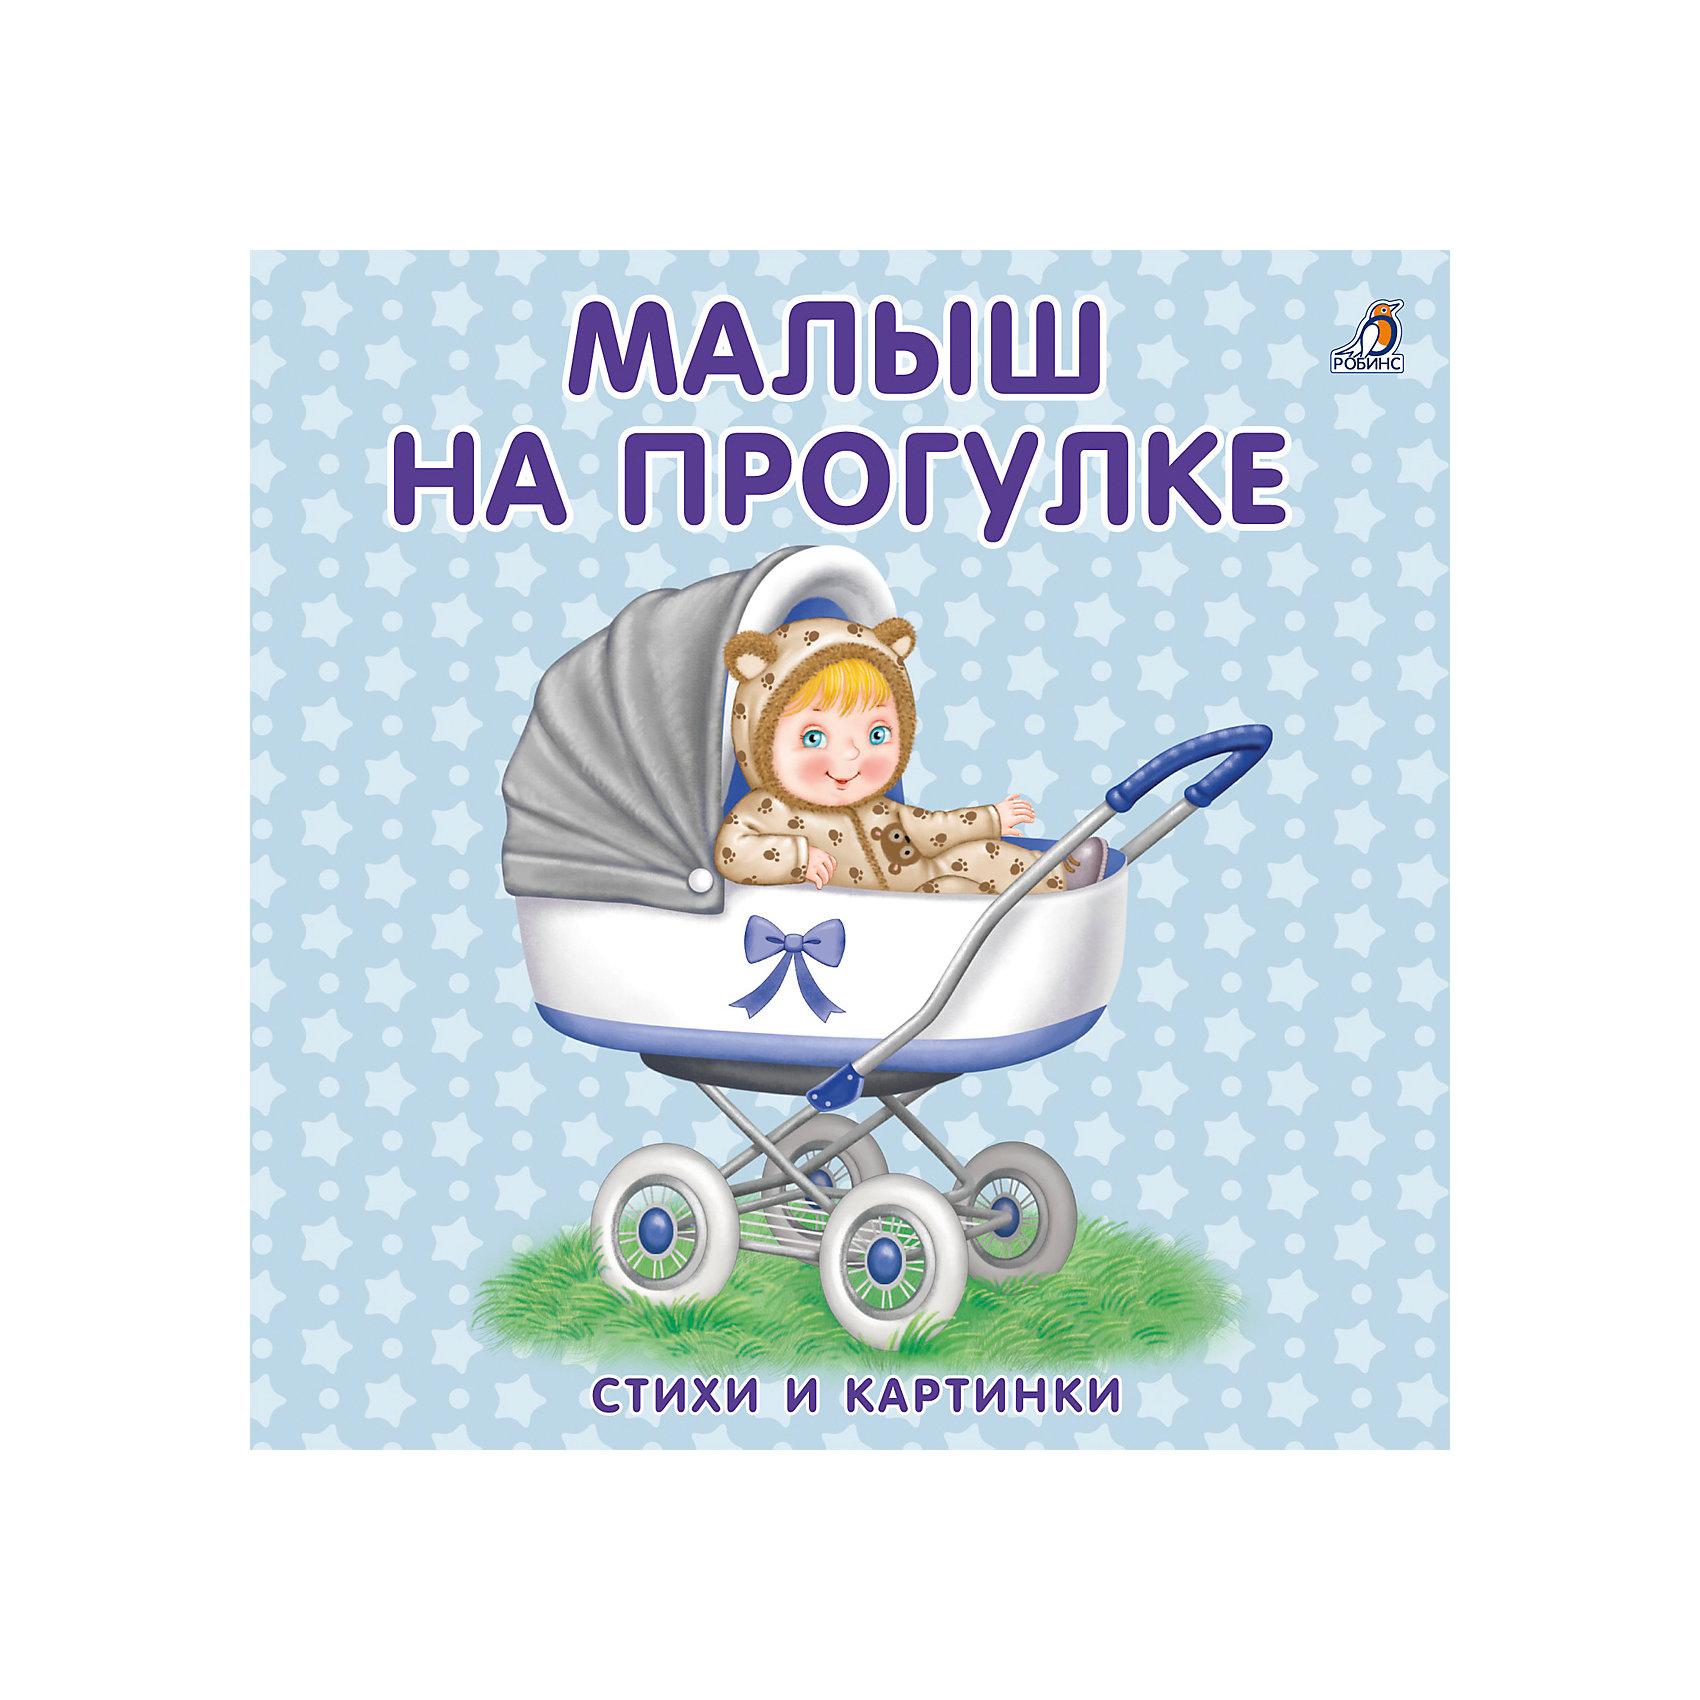 Книжки-картонки Малыш на прогулкеСтихи<br>Это настоящий подарок для любопытного и любознательного малыша.<br>На каждой страничке книжки ваш ребёнок найдёт добрые стихи и забавные картинки обо всём, что окружает малыша на улице. <br>Играя с книжкой, он будет развивать мелкую моторику и зрение, тренировать память, <br>внимание и мышление. <br>С этой книжкой малыш весело проведёт время и пополнит свой первый словарный запас, расширит кругозор, повысит свою эмоциональную активность.<br><br>Ширина мм: 140<br>Глубина мм: 140<br>Высота мм: 13<br>Вес г: 140<br>Возраст от месяцев: 12<br>Возраст до месяцев: 60<br>Пол: Унисекс<br>Возраст: Детский<br>SKU: 5034136